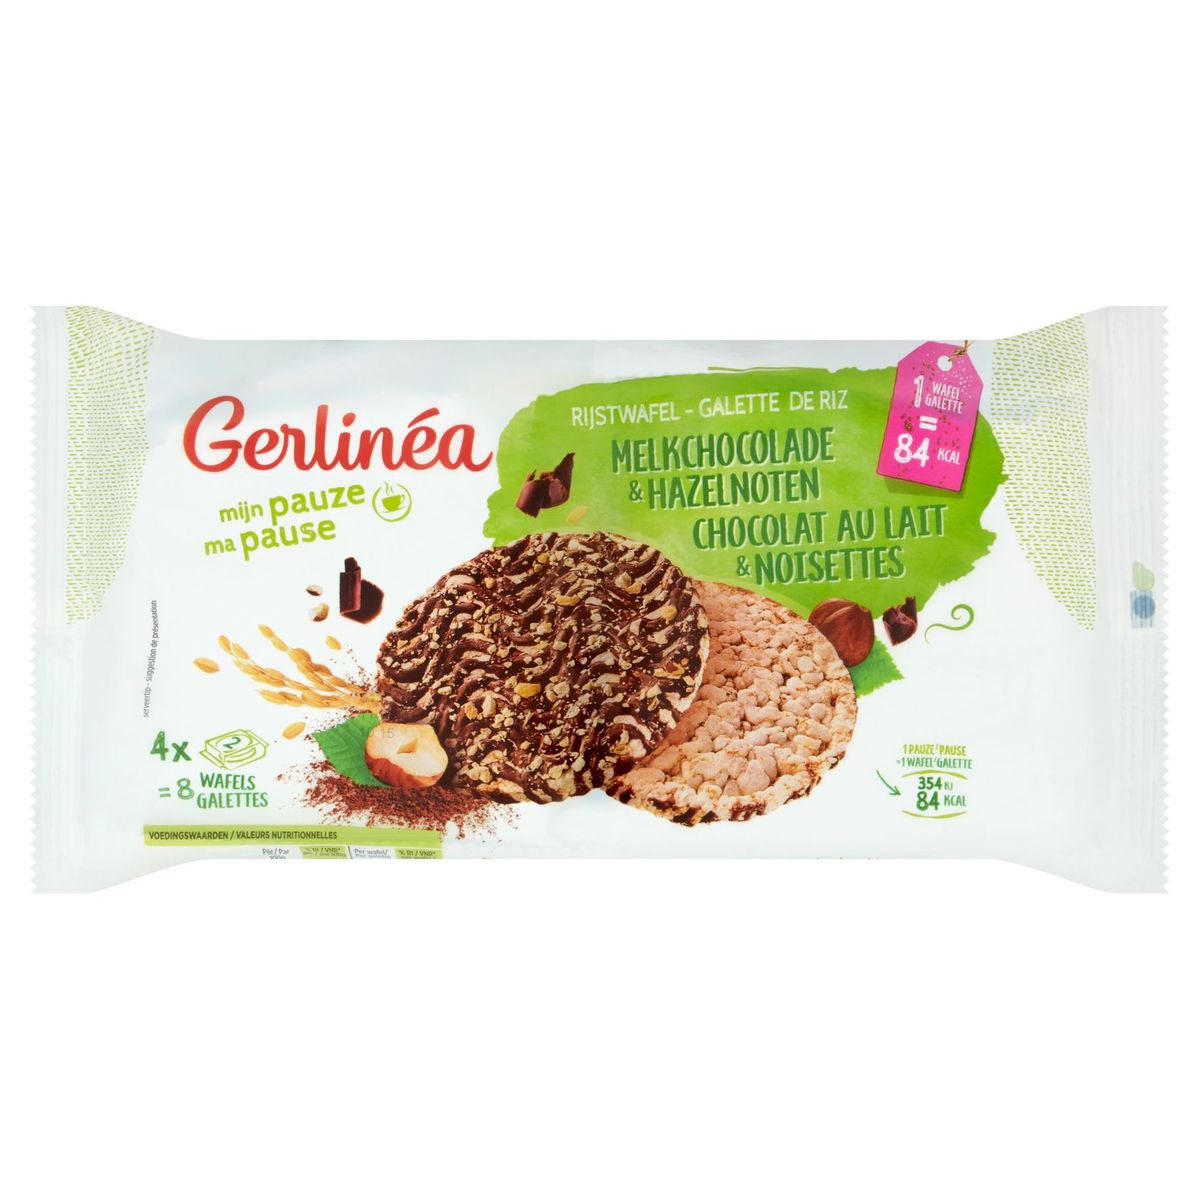 Gerlinéa Galette de Riz Chocolat au Lait & Noisettes 8 Pièces 142 g